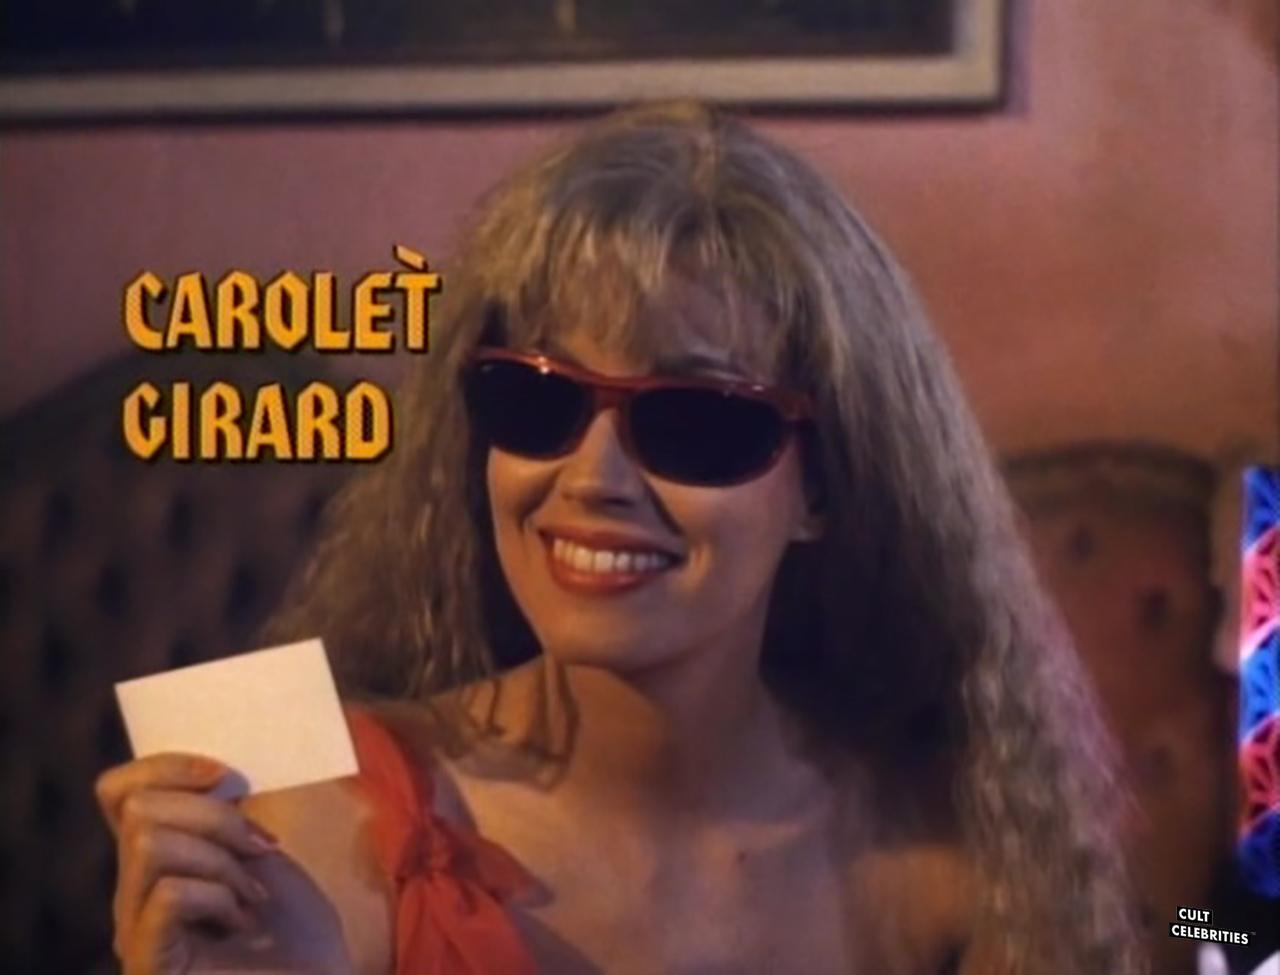 Monique Gabrielle in Hard to Die (1990) as Carolet Girard